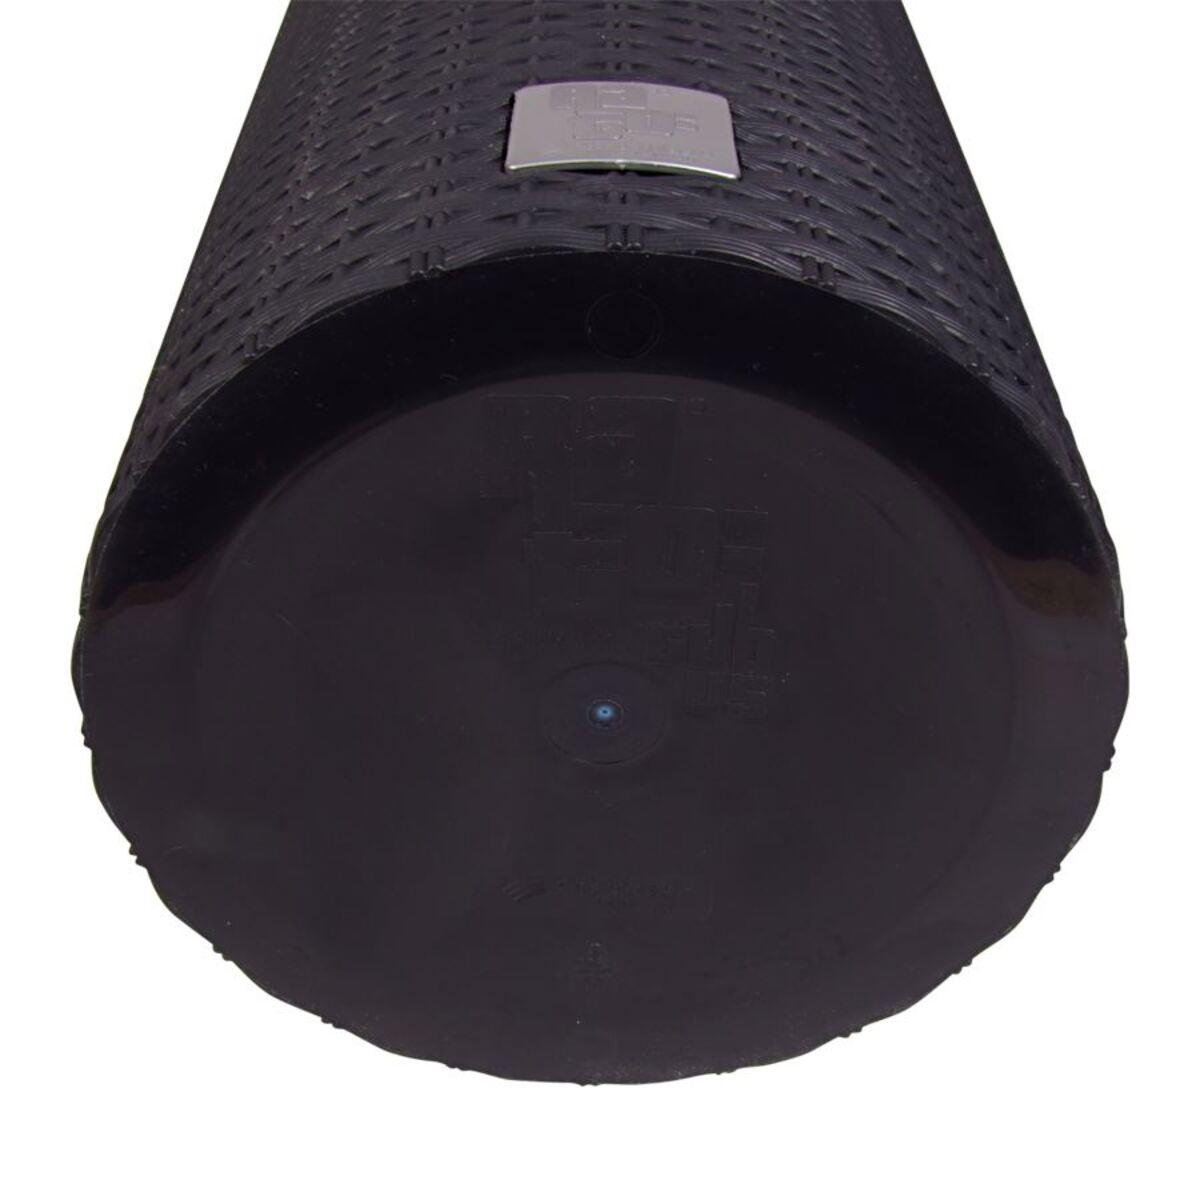 Bild 5 von Polyrattan-Pflanztopf mit Einsatz 30x57,5cm Anthrazit